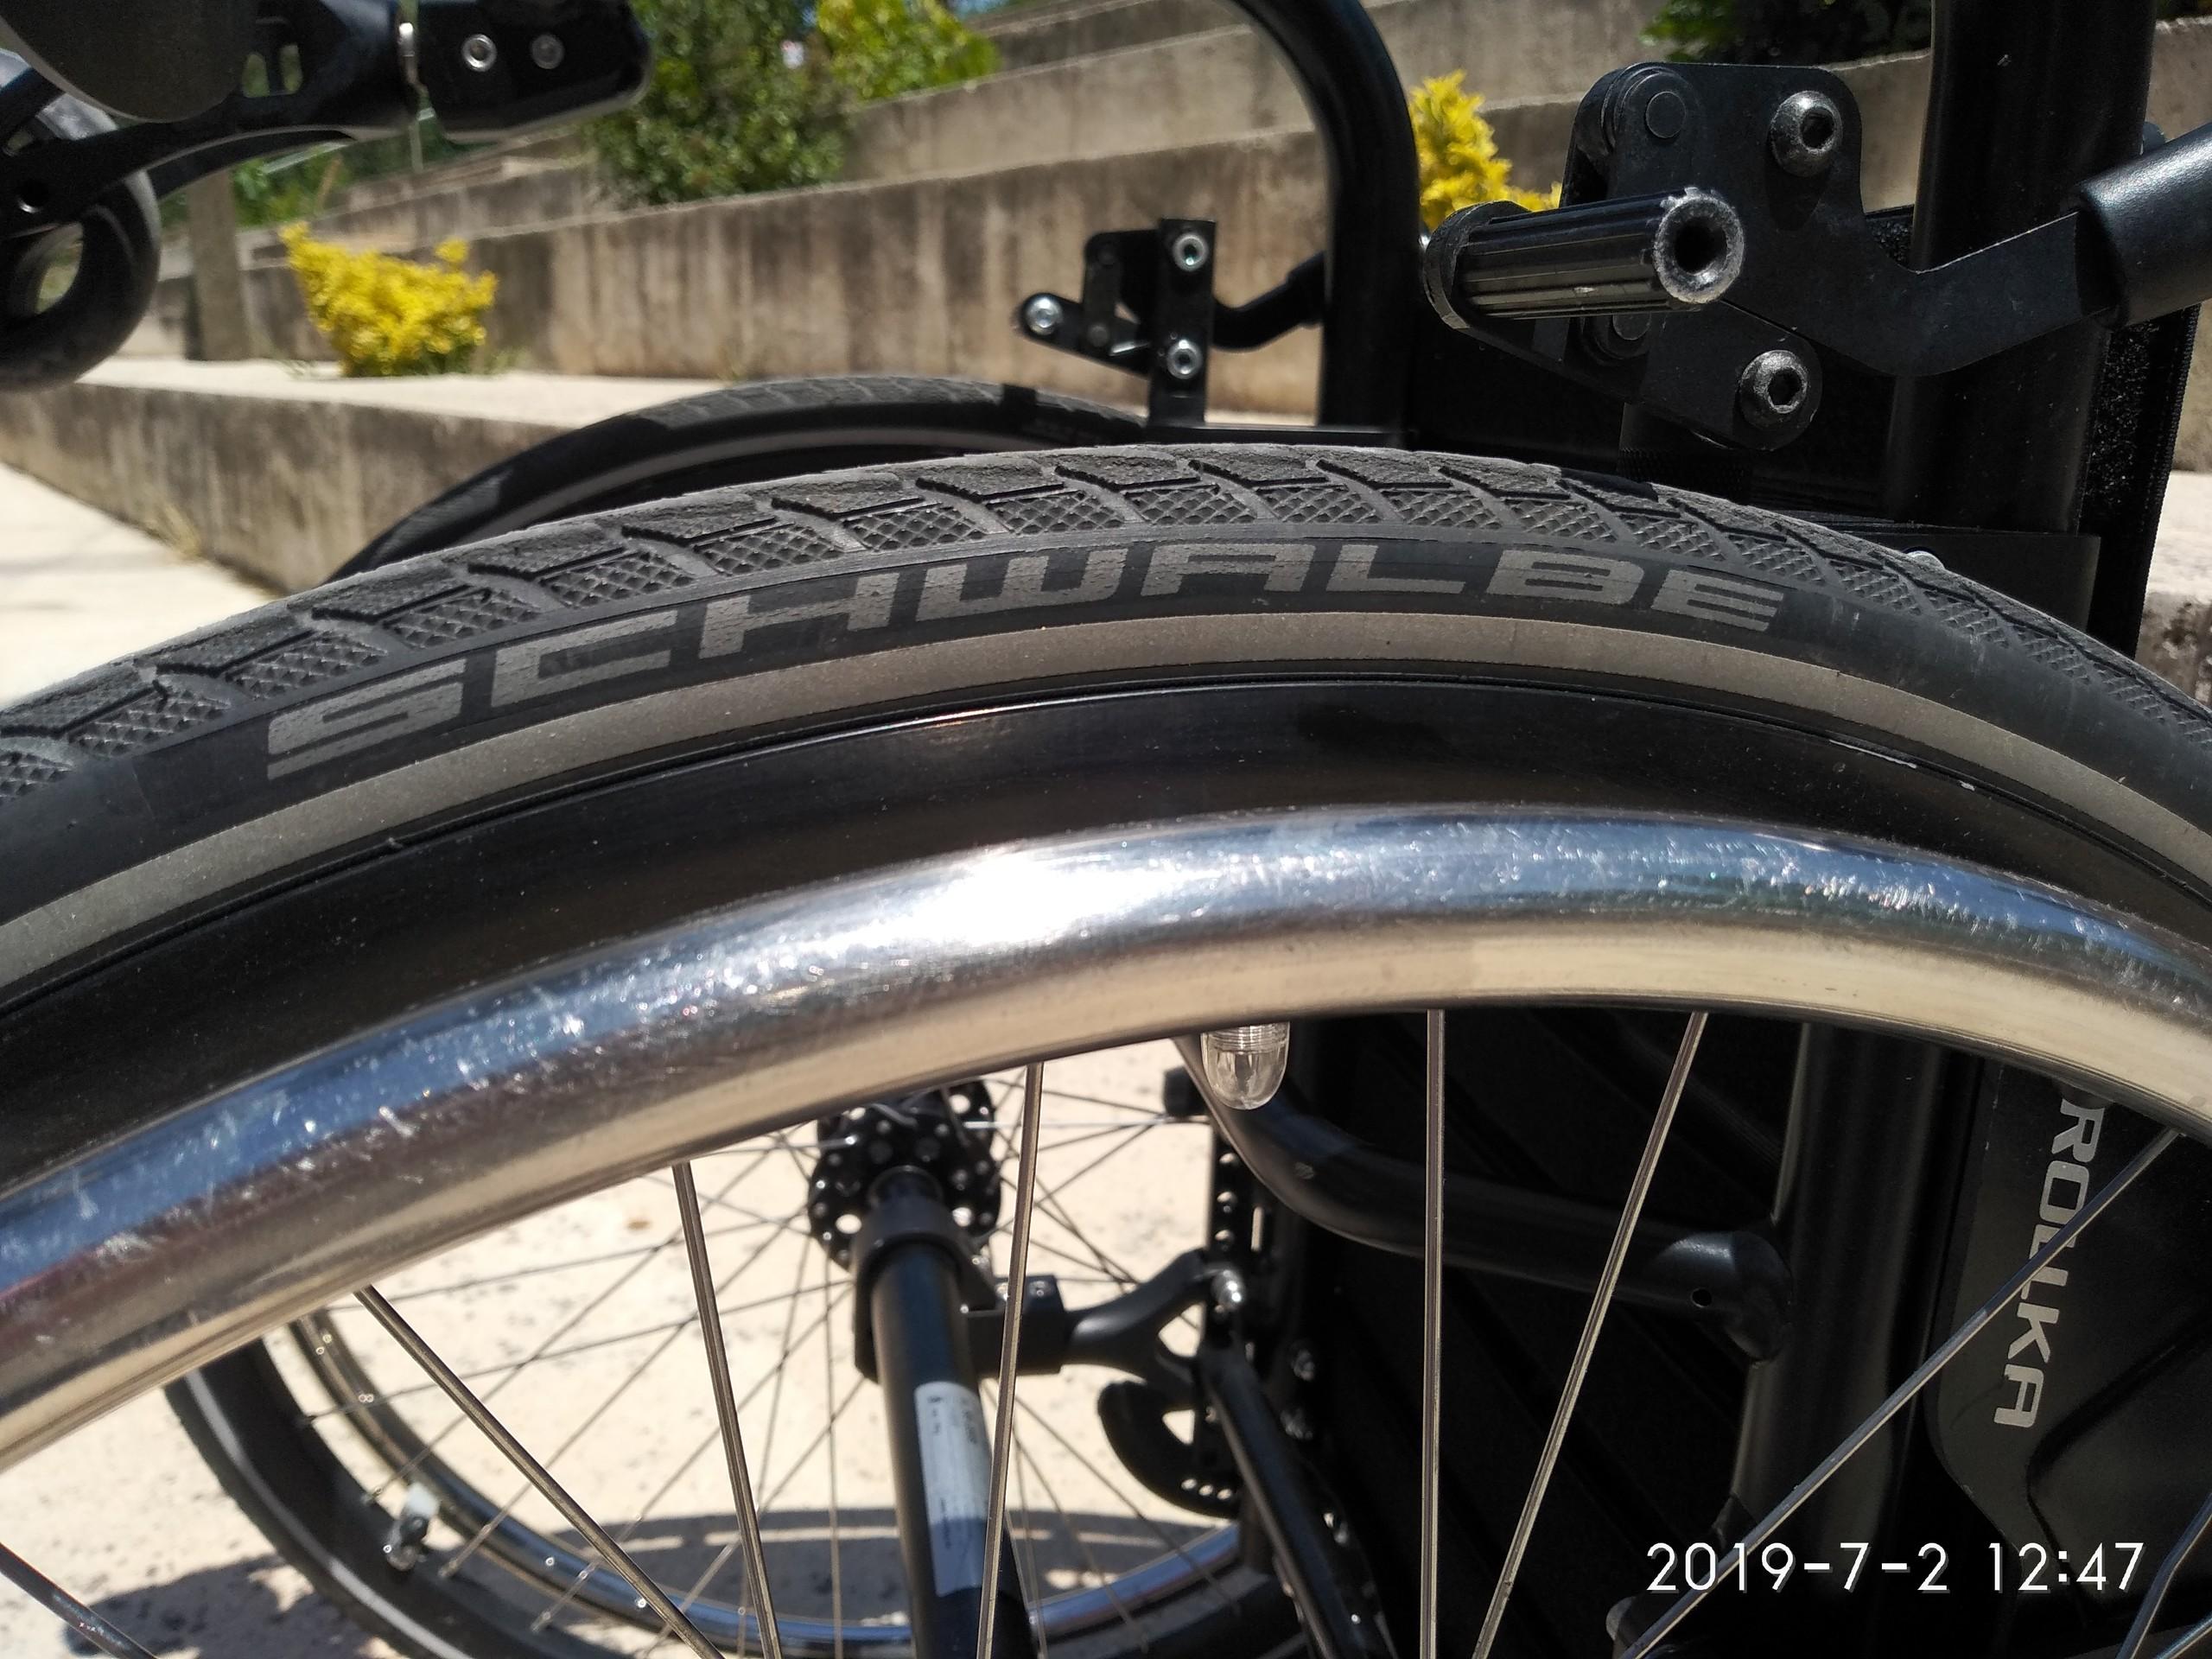 r0Rokz - Berollka Cobra Spor Alman markası aktif tekerlekli sandalye satılıktır